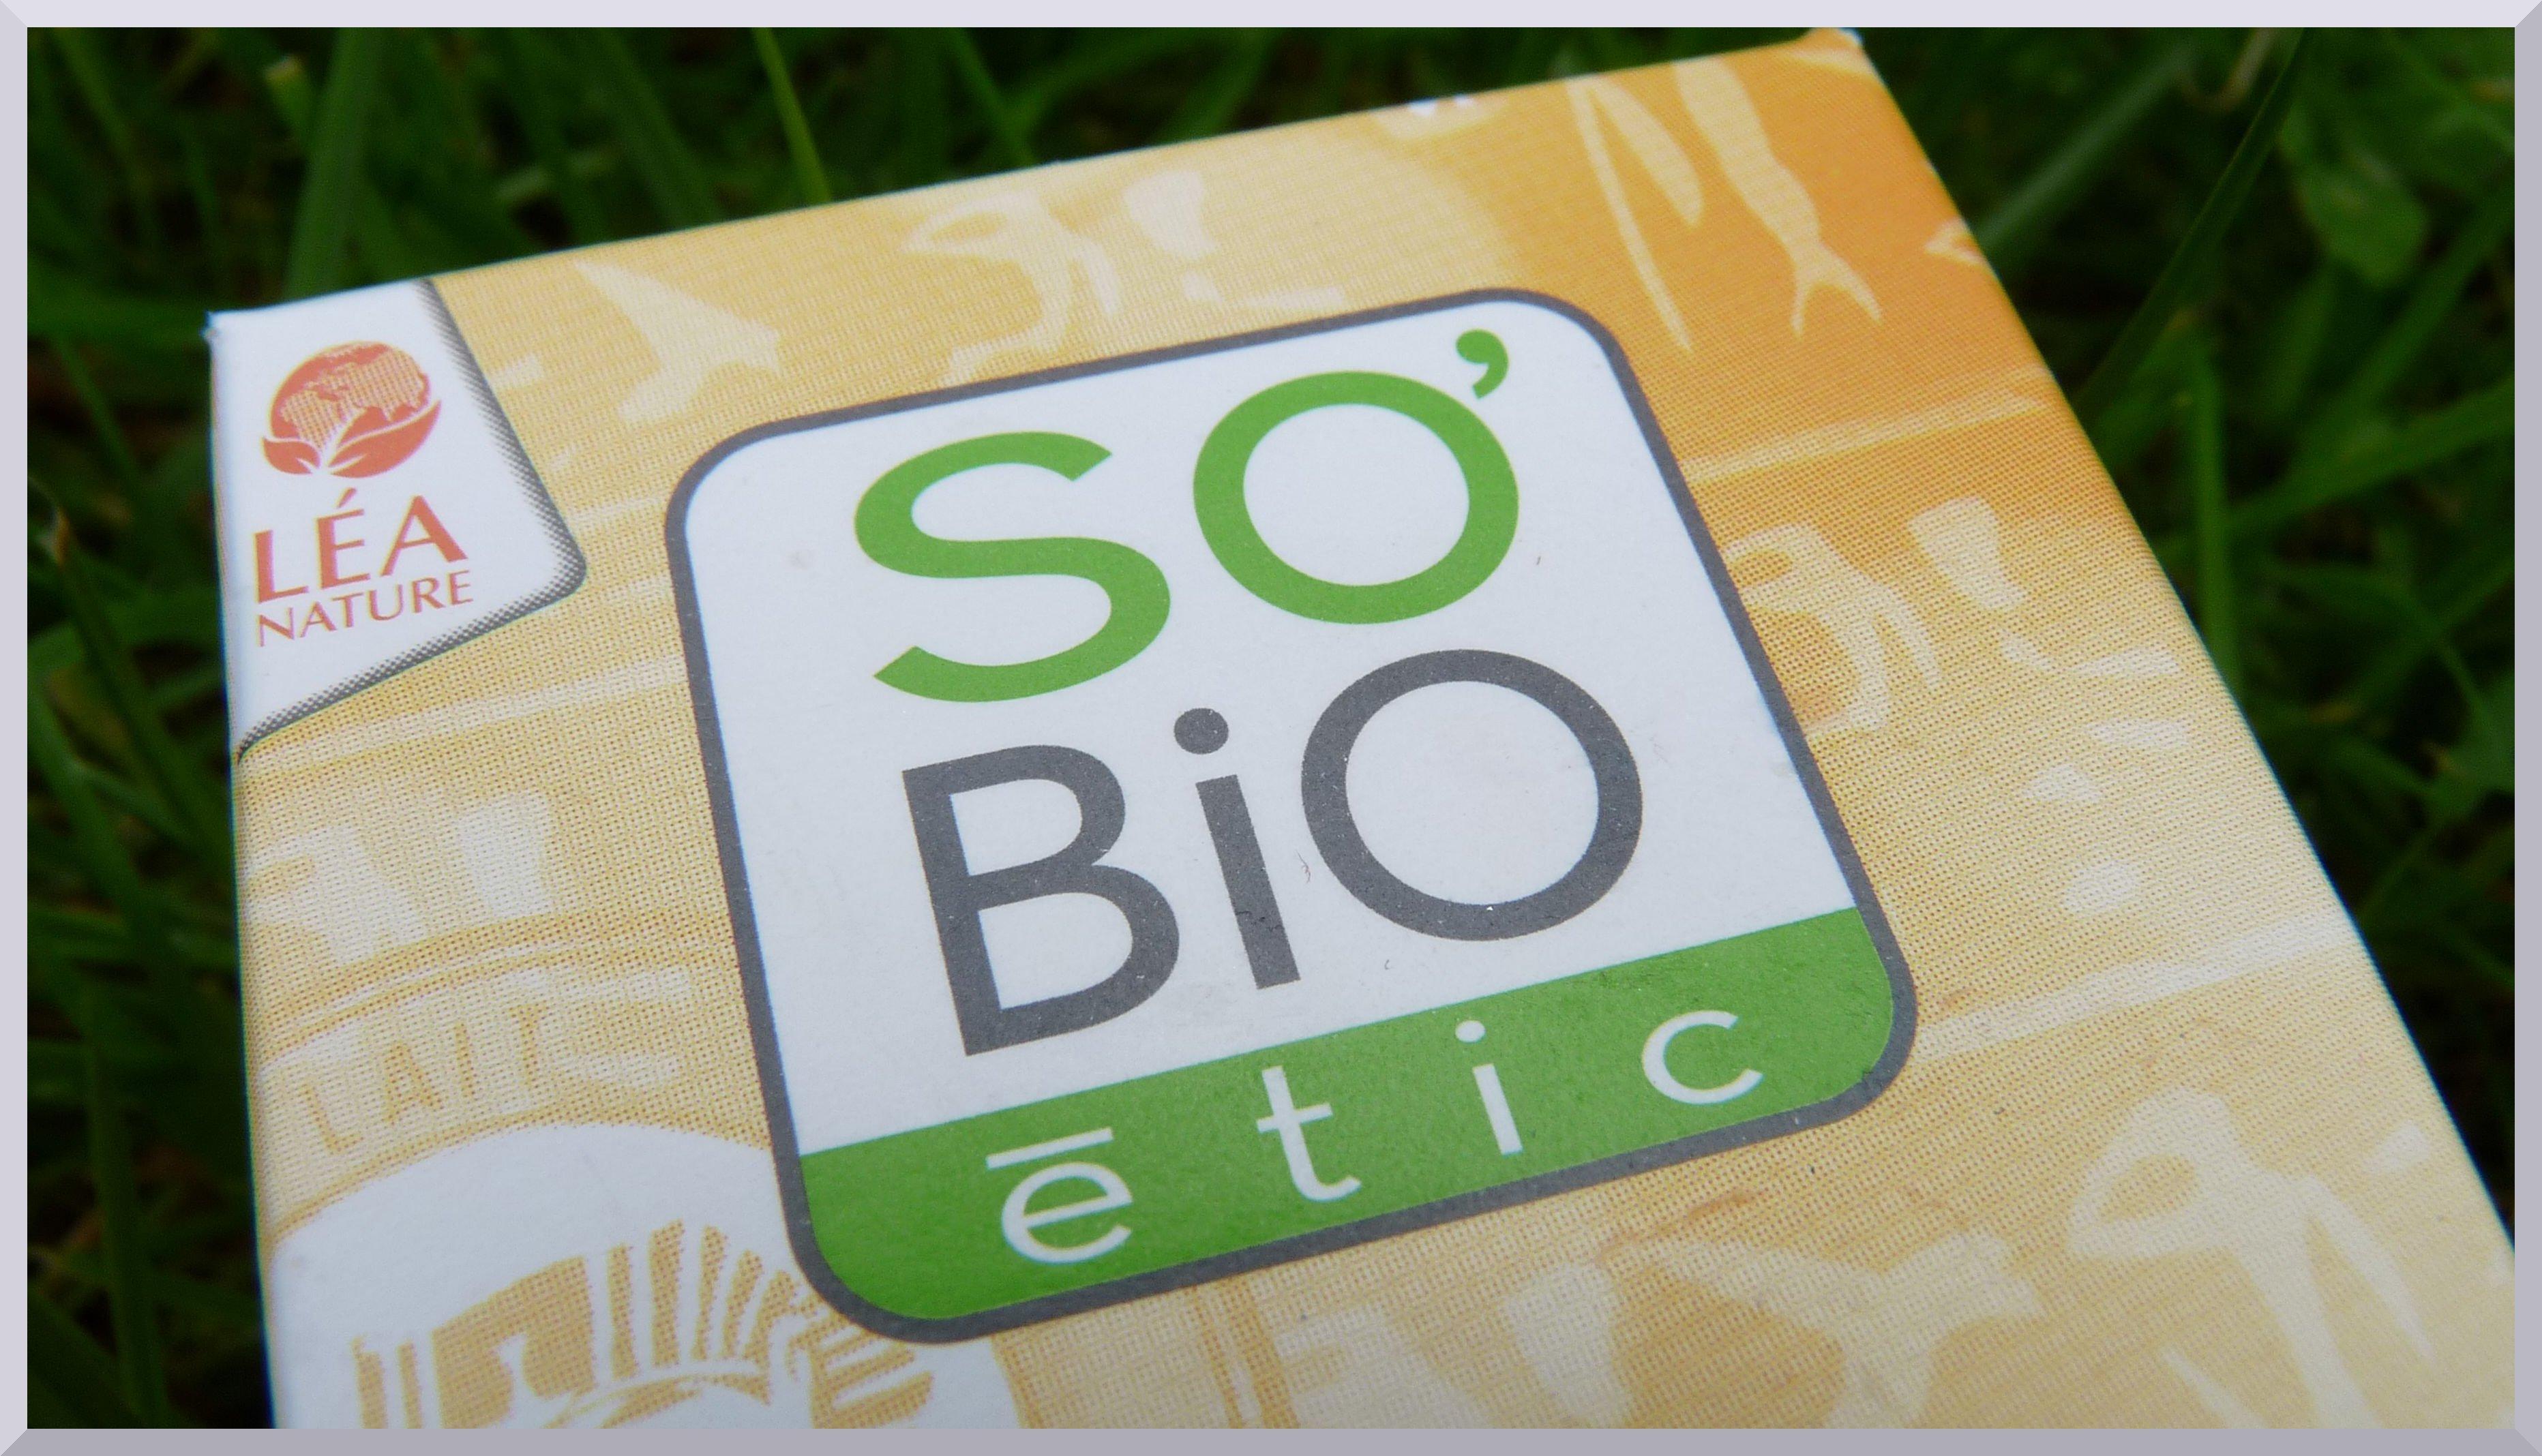 So bio Etic BB crème lait ânesse